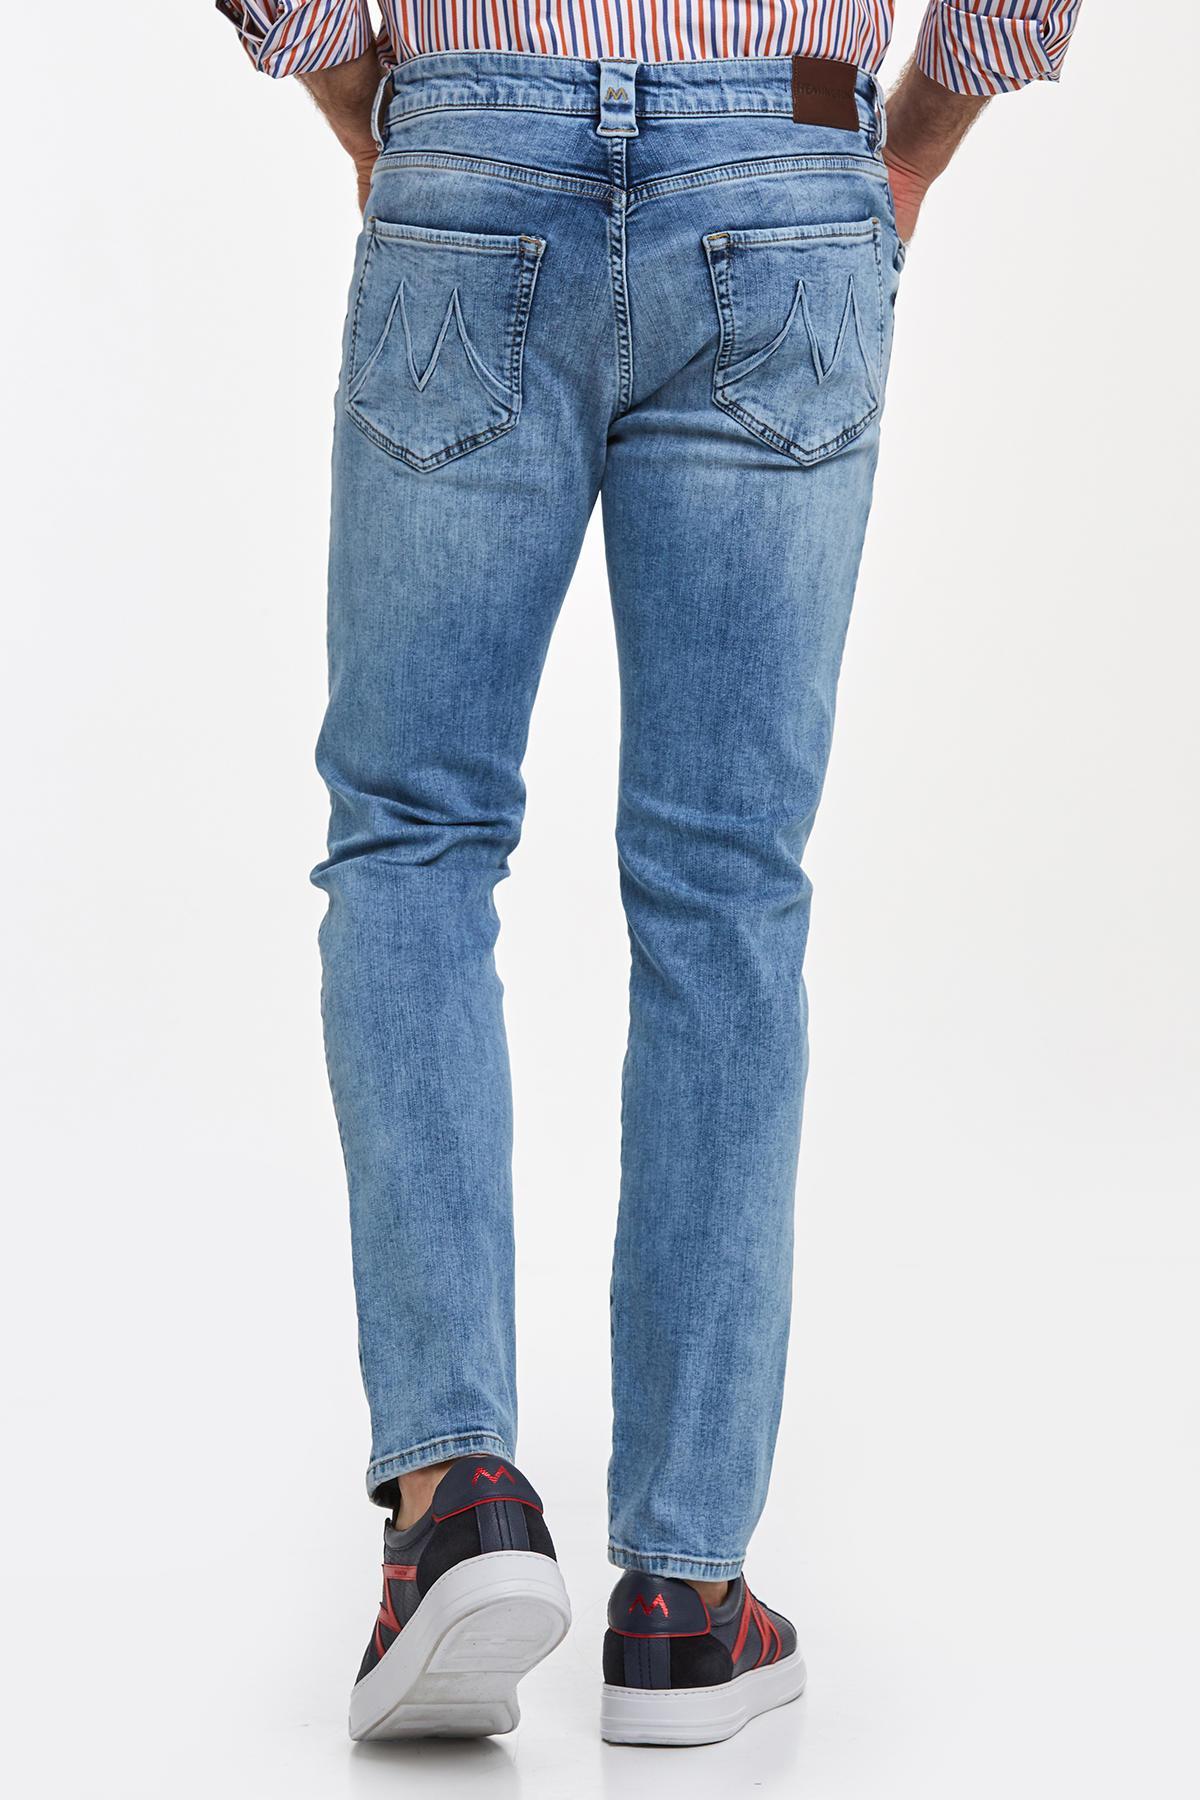 Açık Mavi Taşlanmış Denim Pantolon